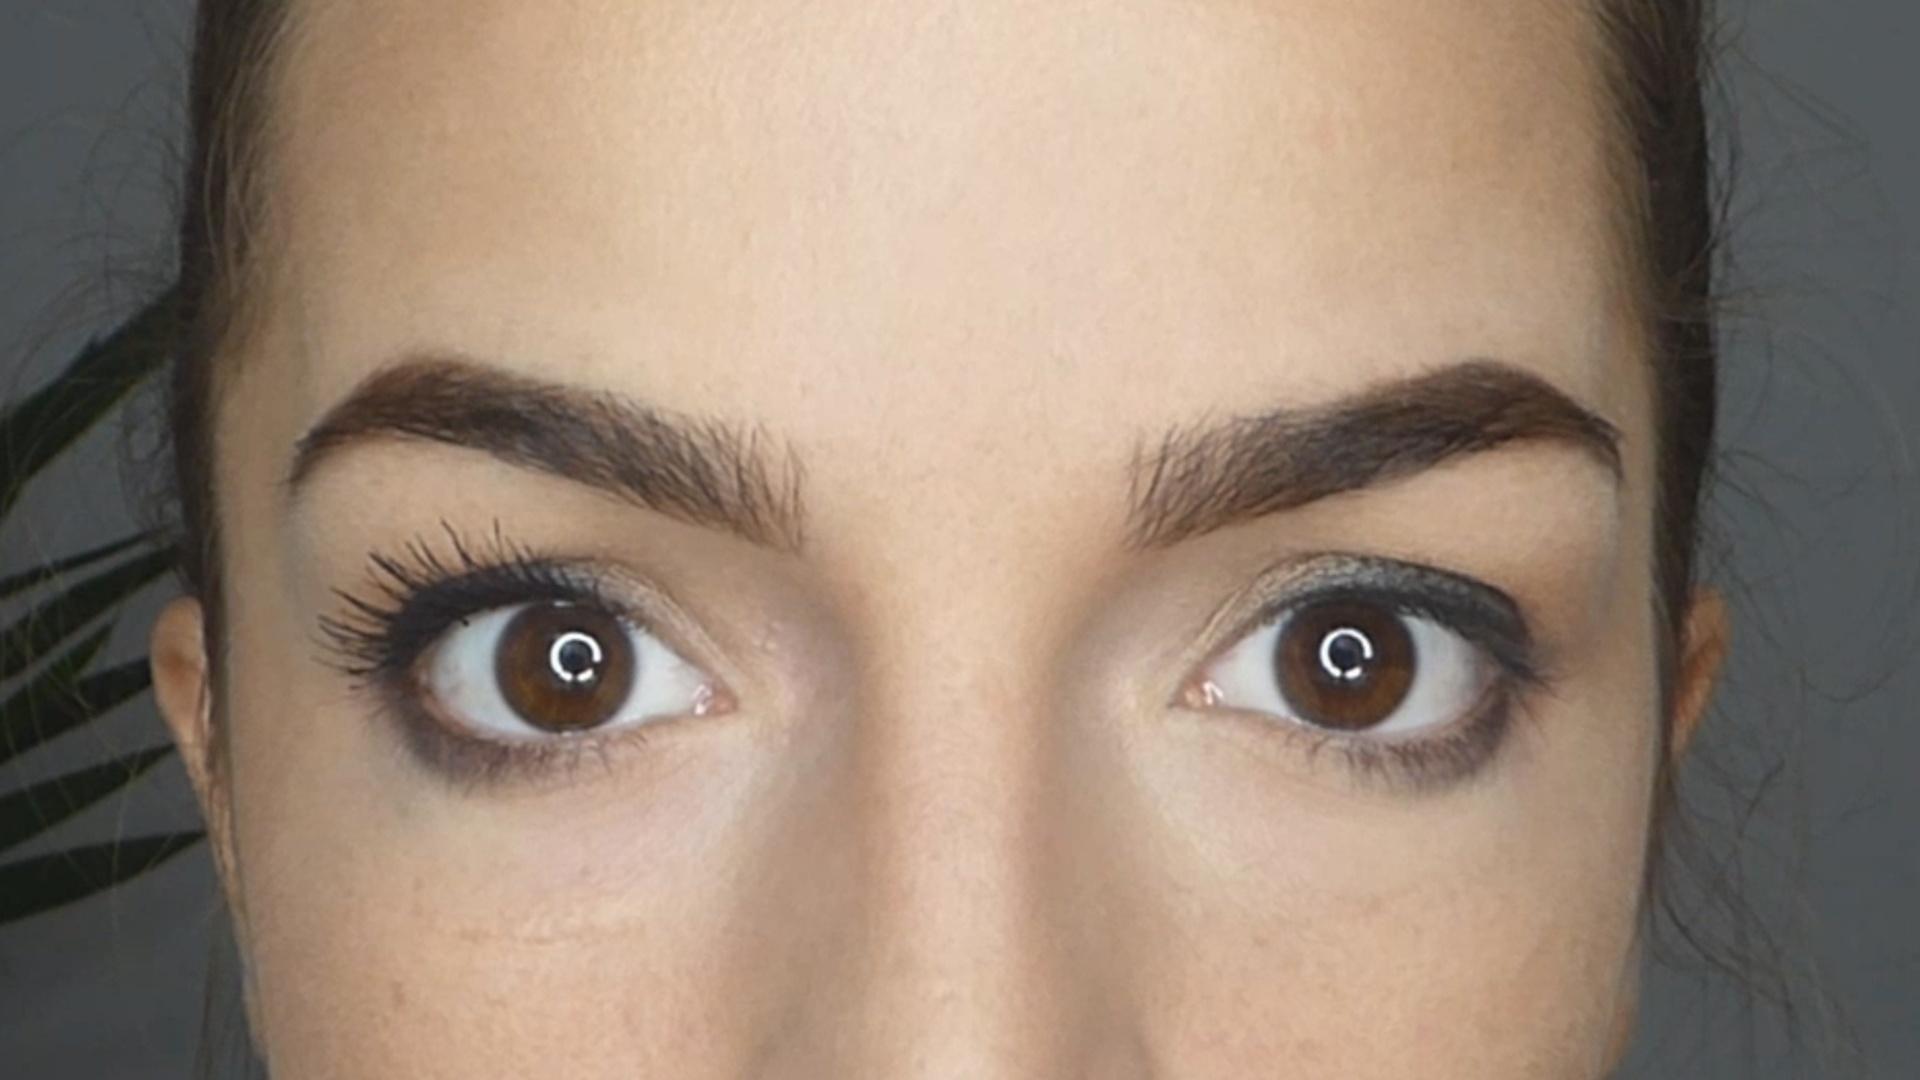 alida szemek, szemhéj smink